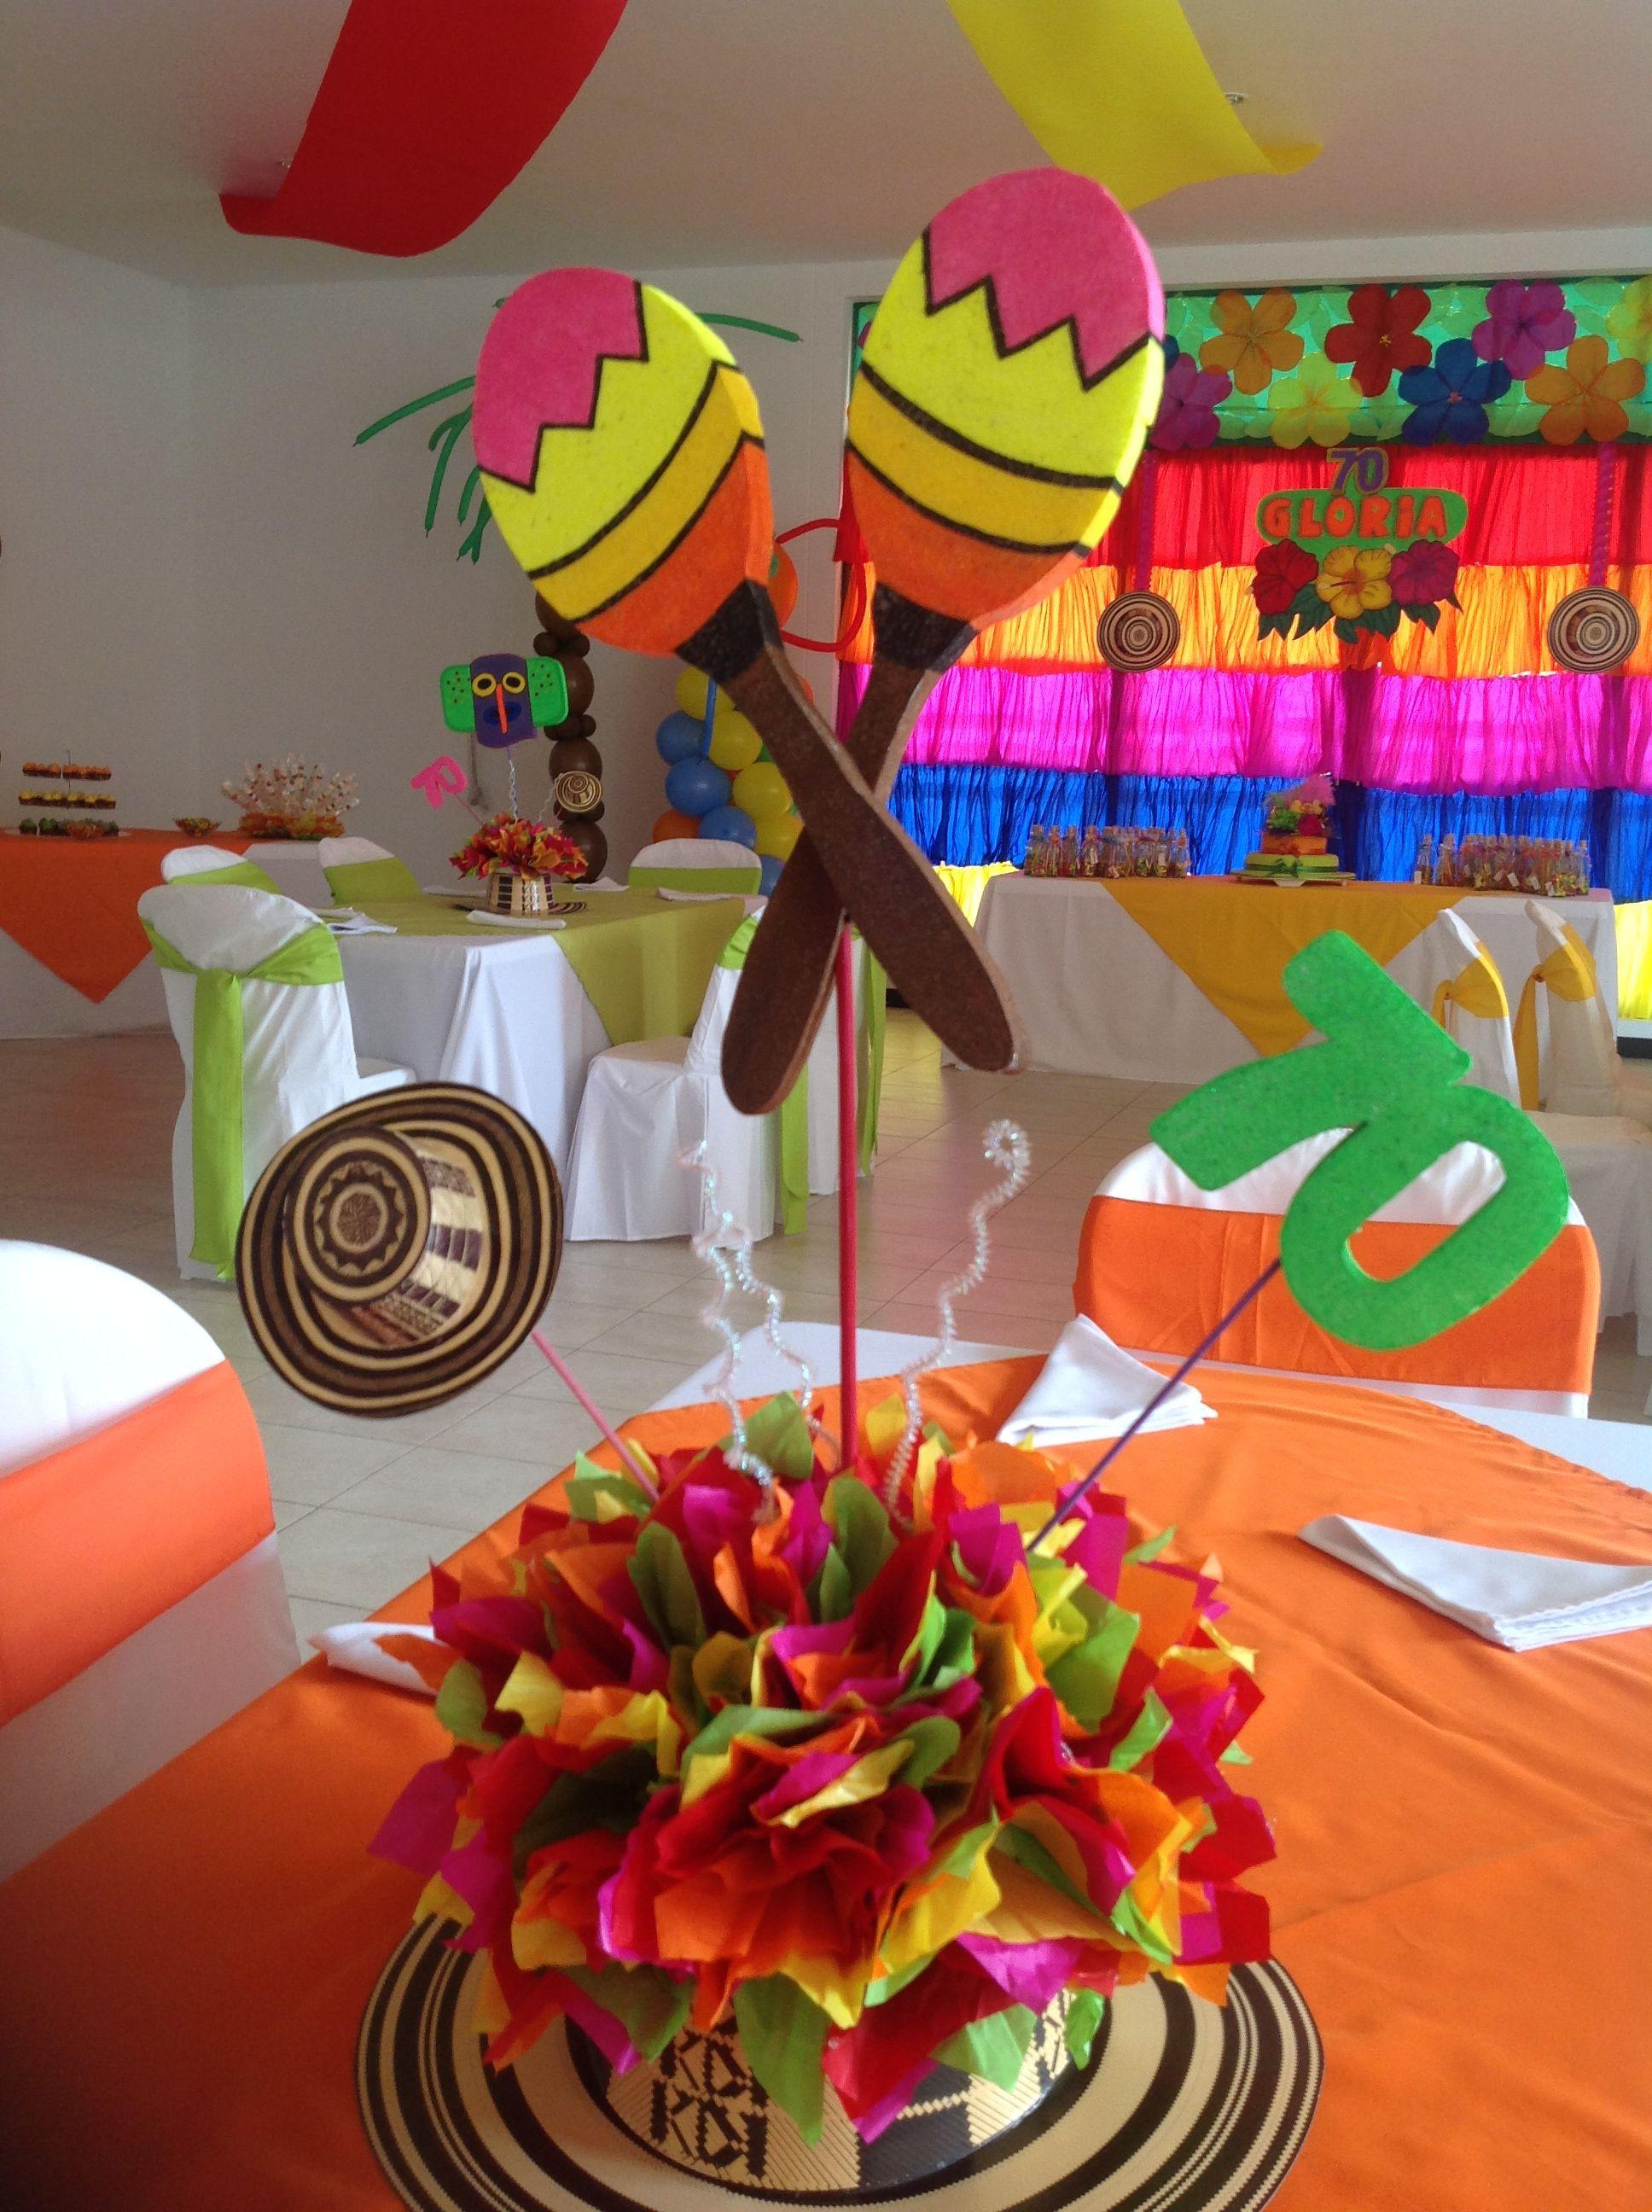 MARACAS Decoraci U00f3n Carnaval Fiesta Decoraci U00f3n Carnaval